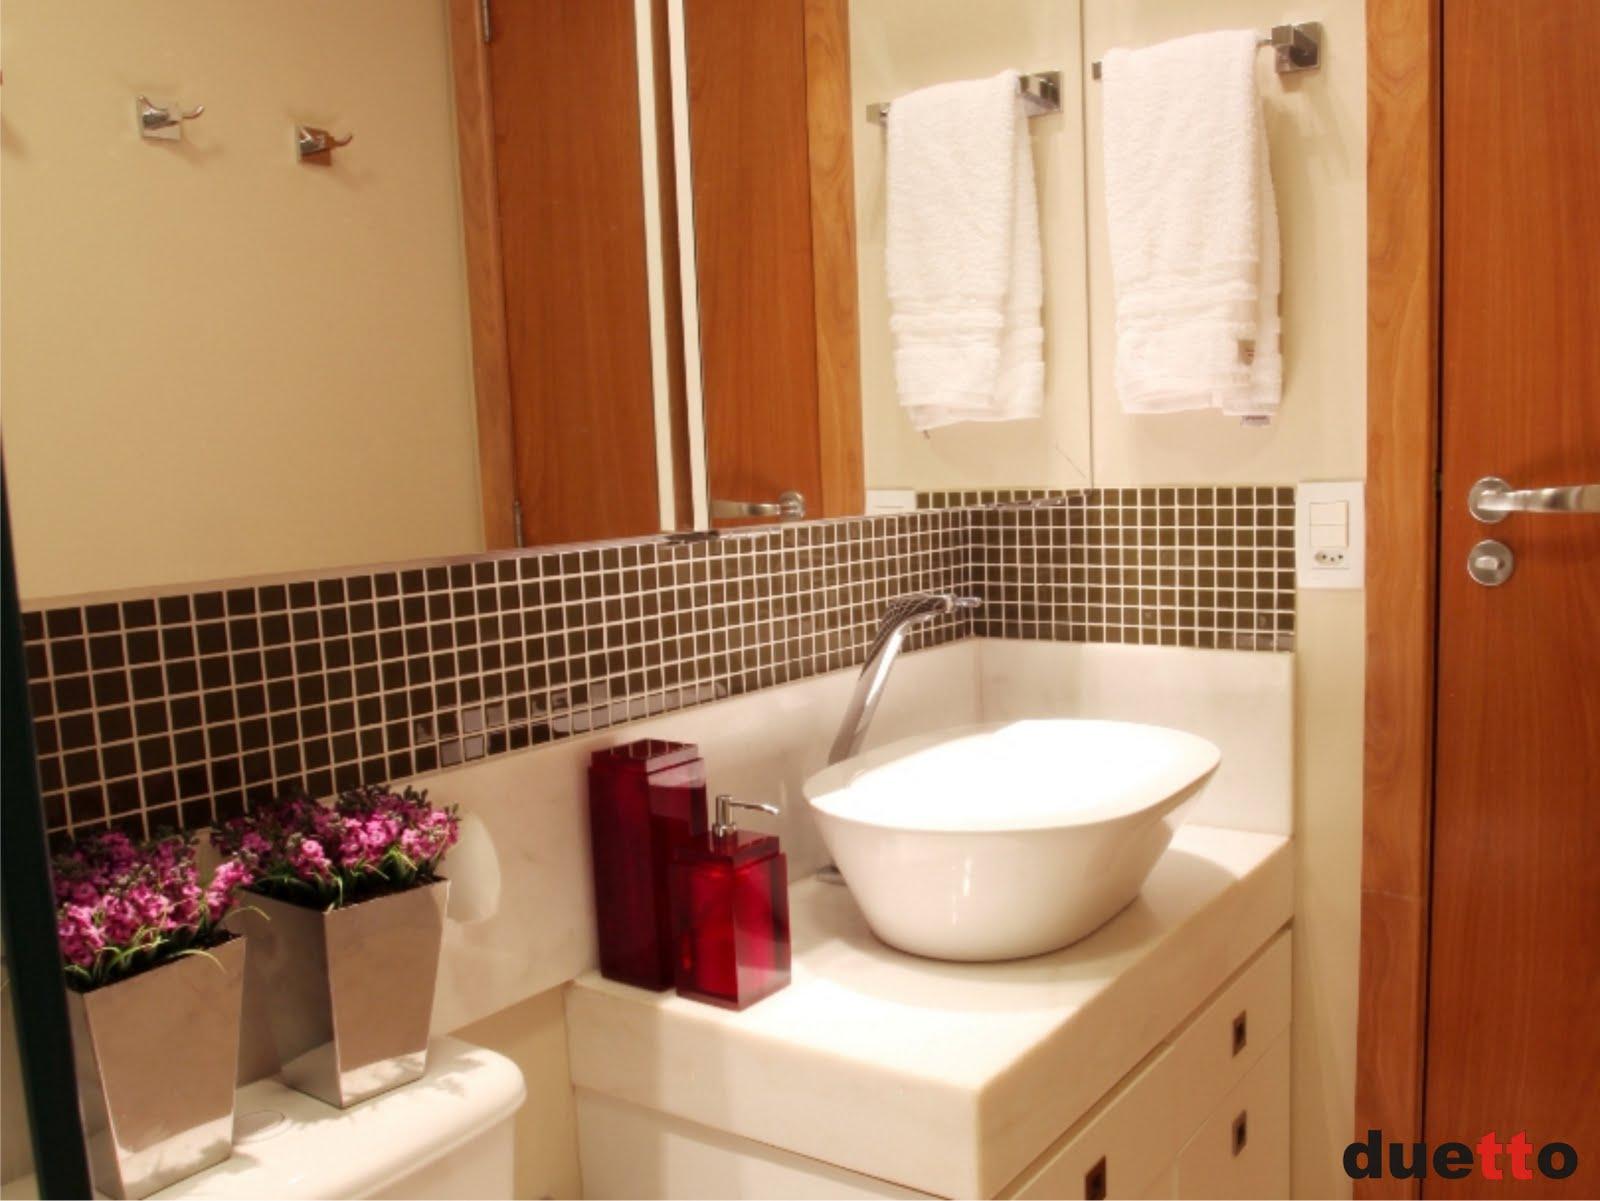 #AF4A1C banheiro recebeu a mesma pastilha da cozinha (Color Mix) bancada  1600x1201 px Projetos Bonitos Da Cozinha_124 Imagens